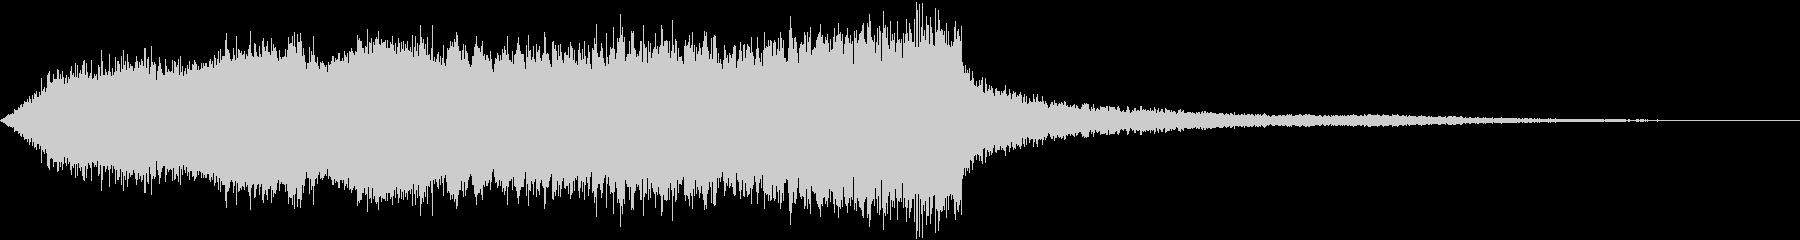 複雑な電子音の調和の未再生の波形